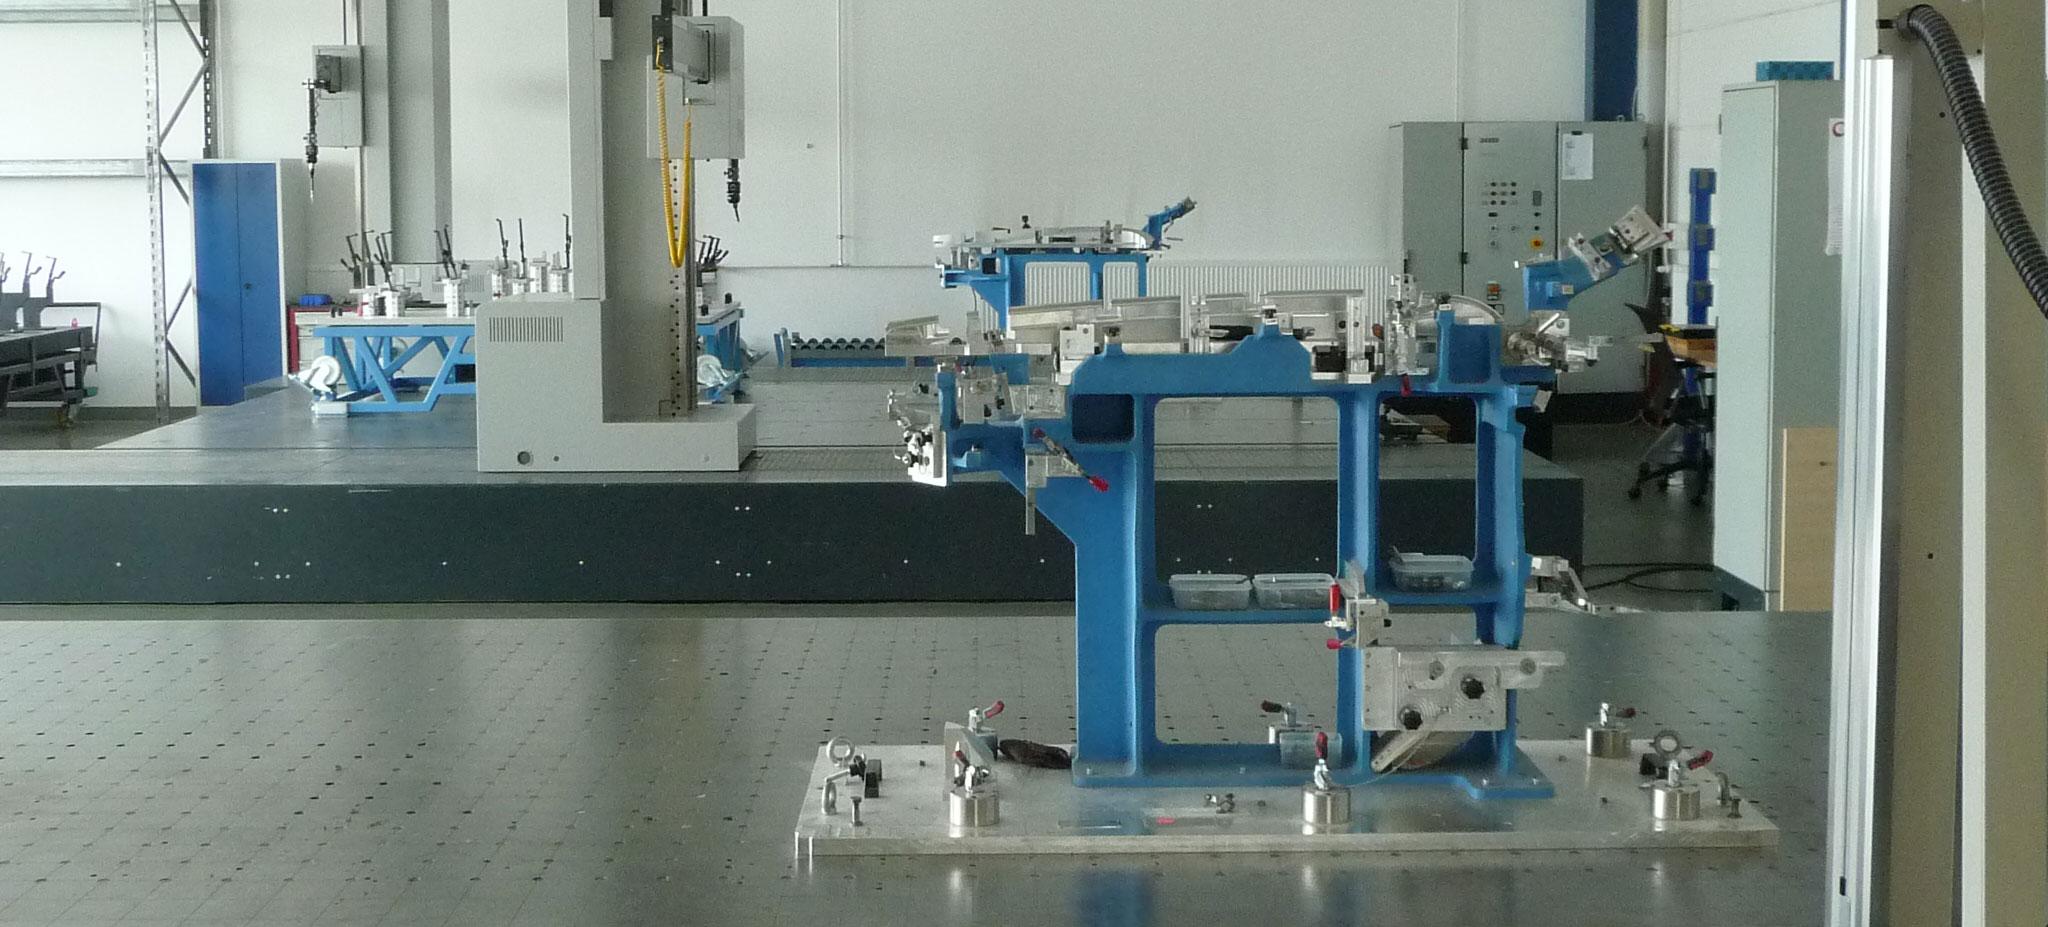 Taktiles Messen - Maschine Seitenansicht